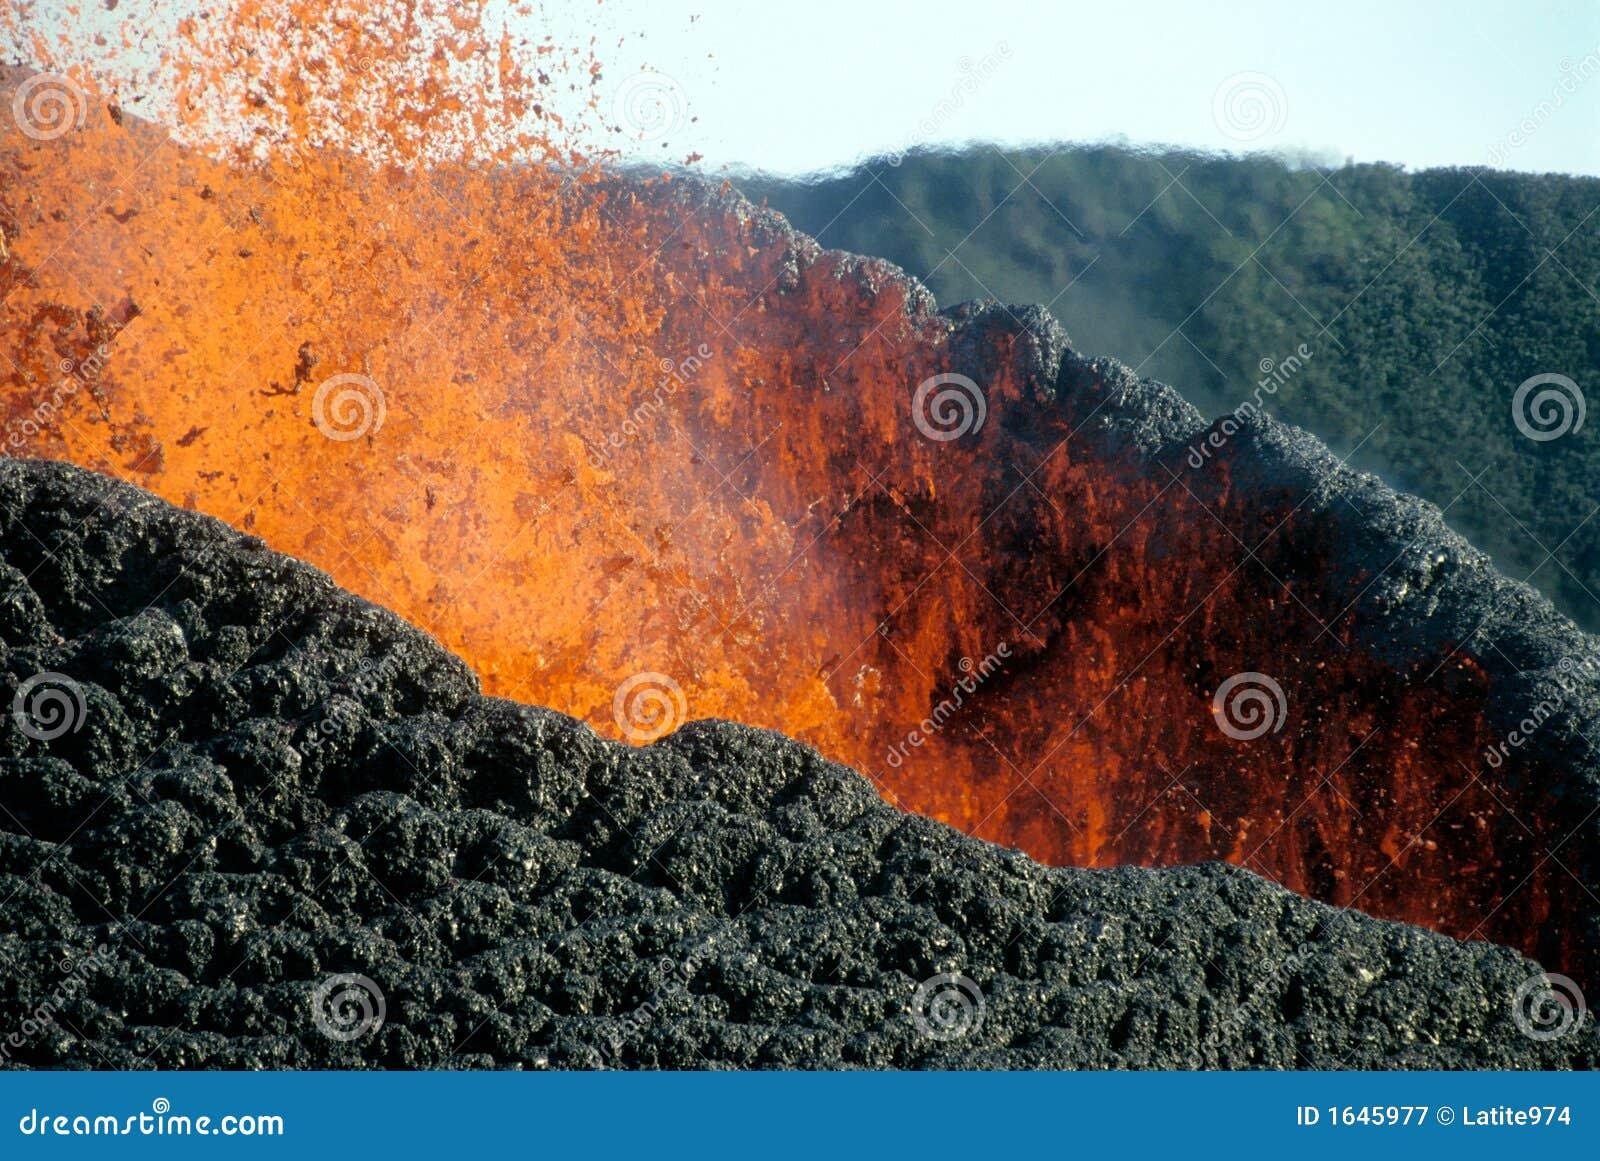 извержение вулканическое